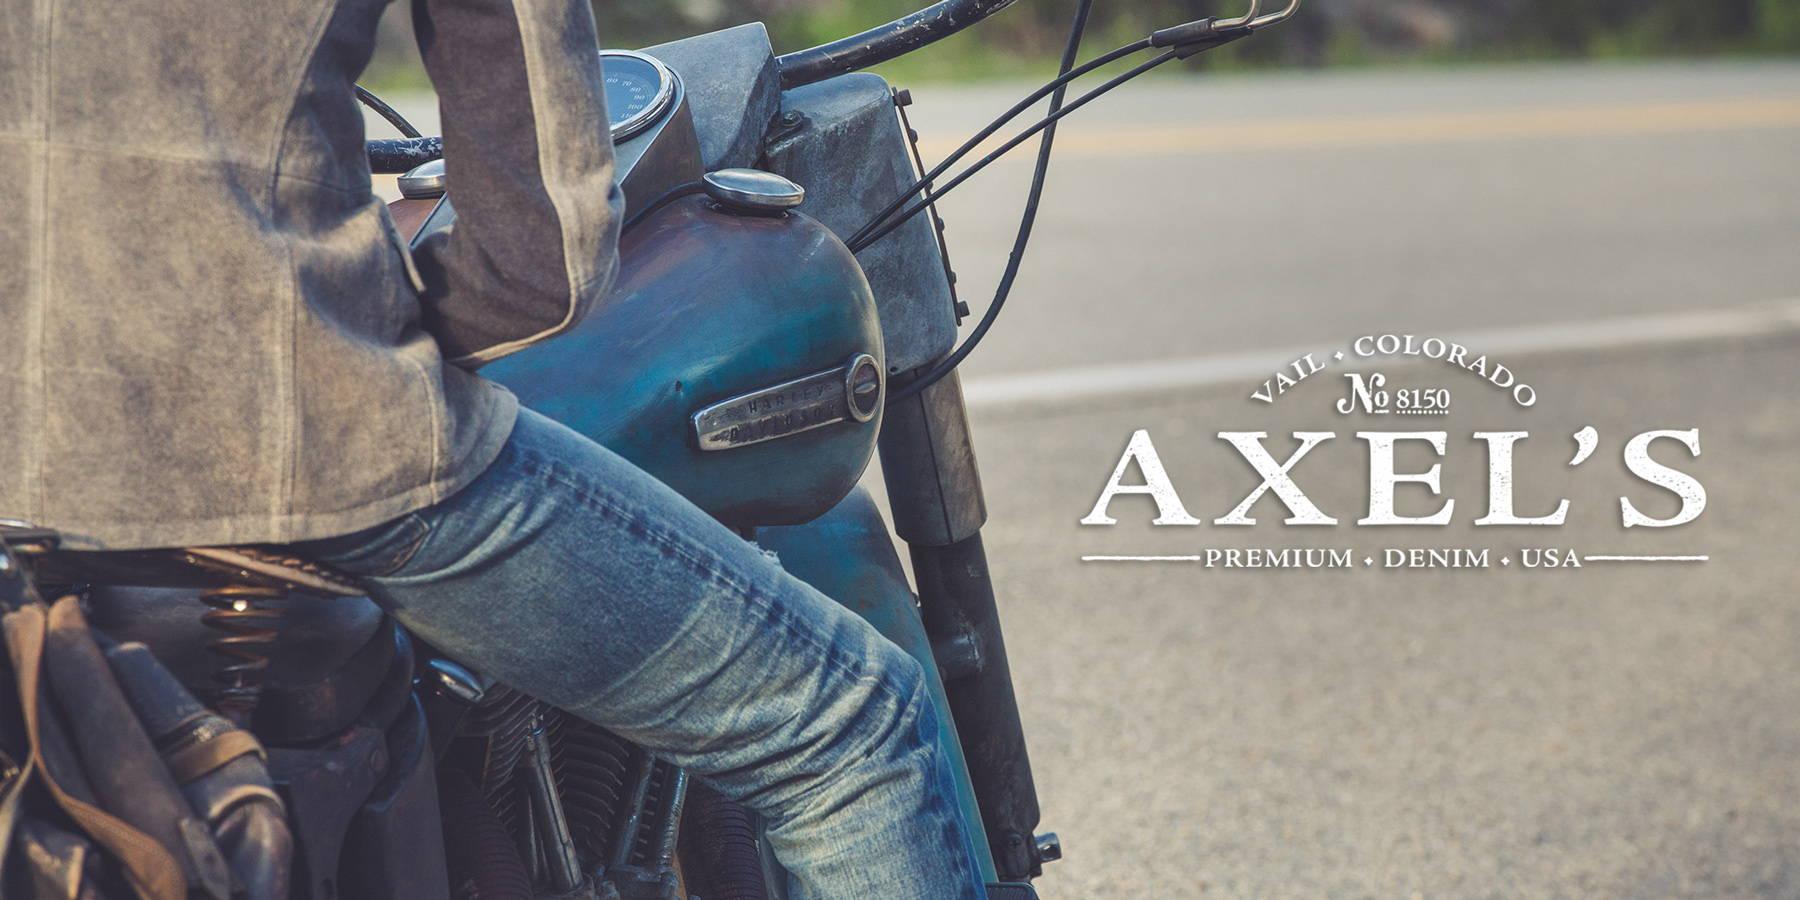 Axel's Premium Denim